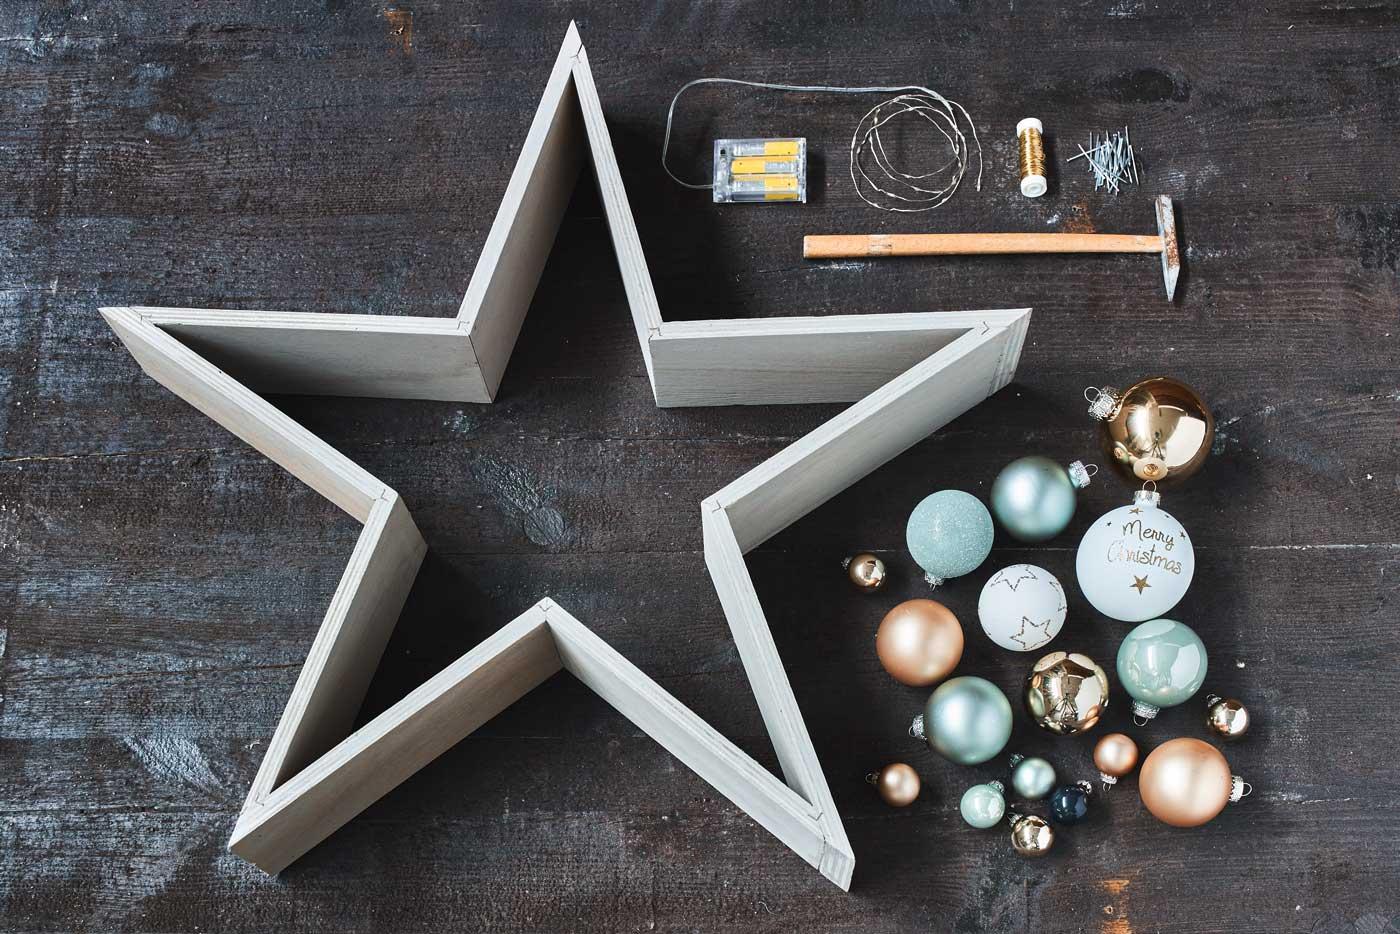 Stern und benötigte Produkte auf den Boden legen